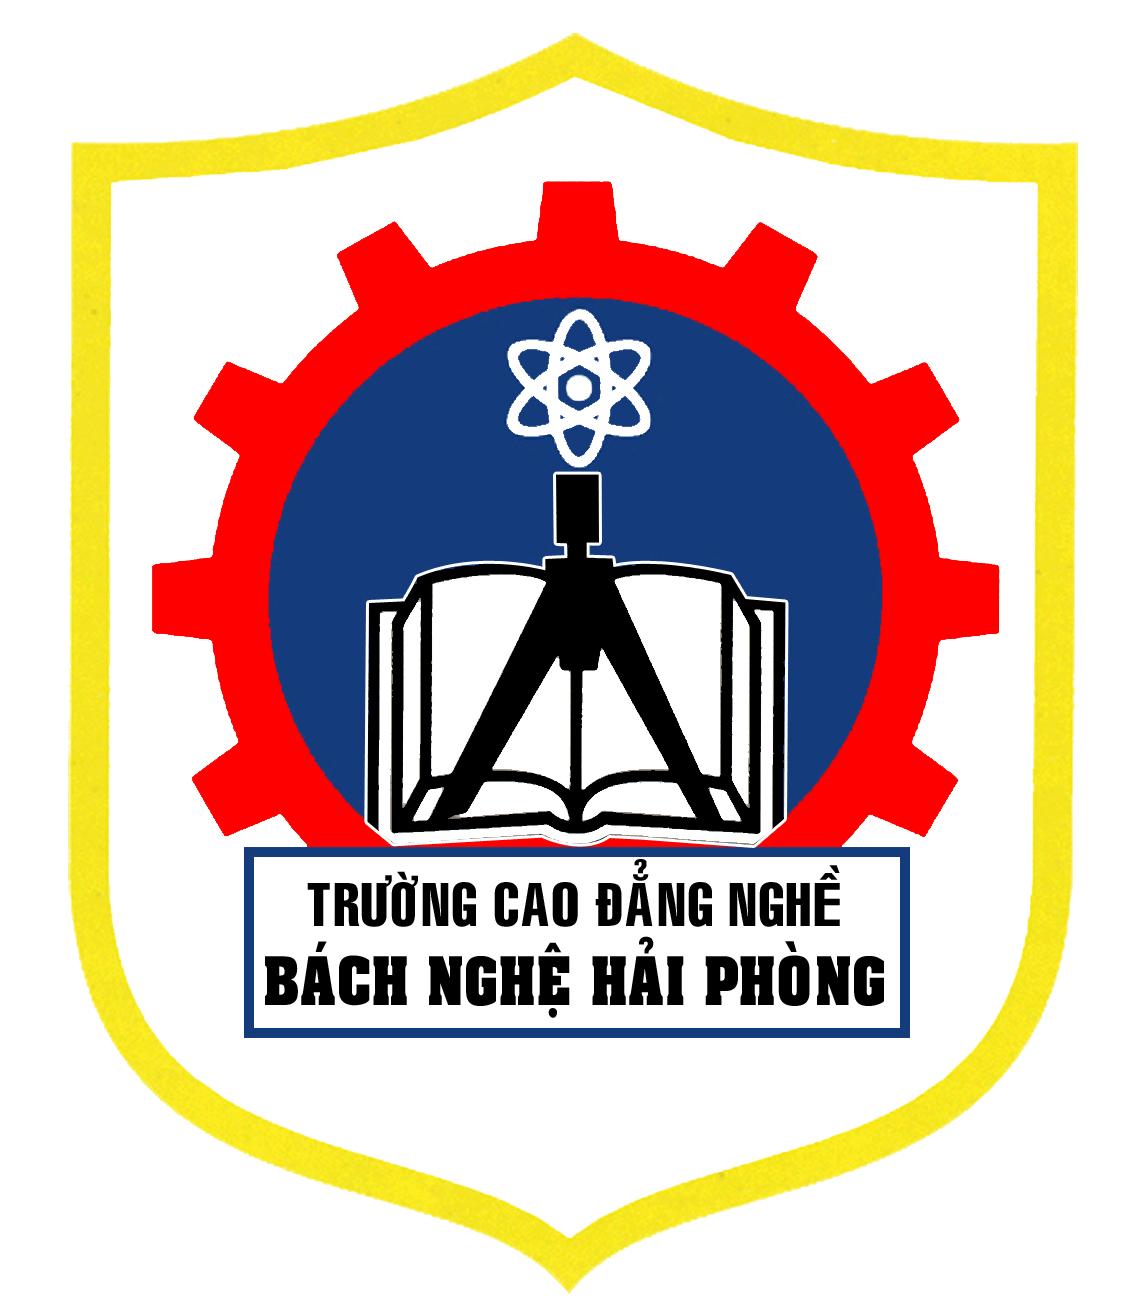 logo cao dang nghe bach nghe hai phong - Cao Đẳng Nghề Bách Nghệ Hải Phòng